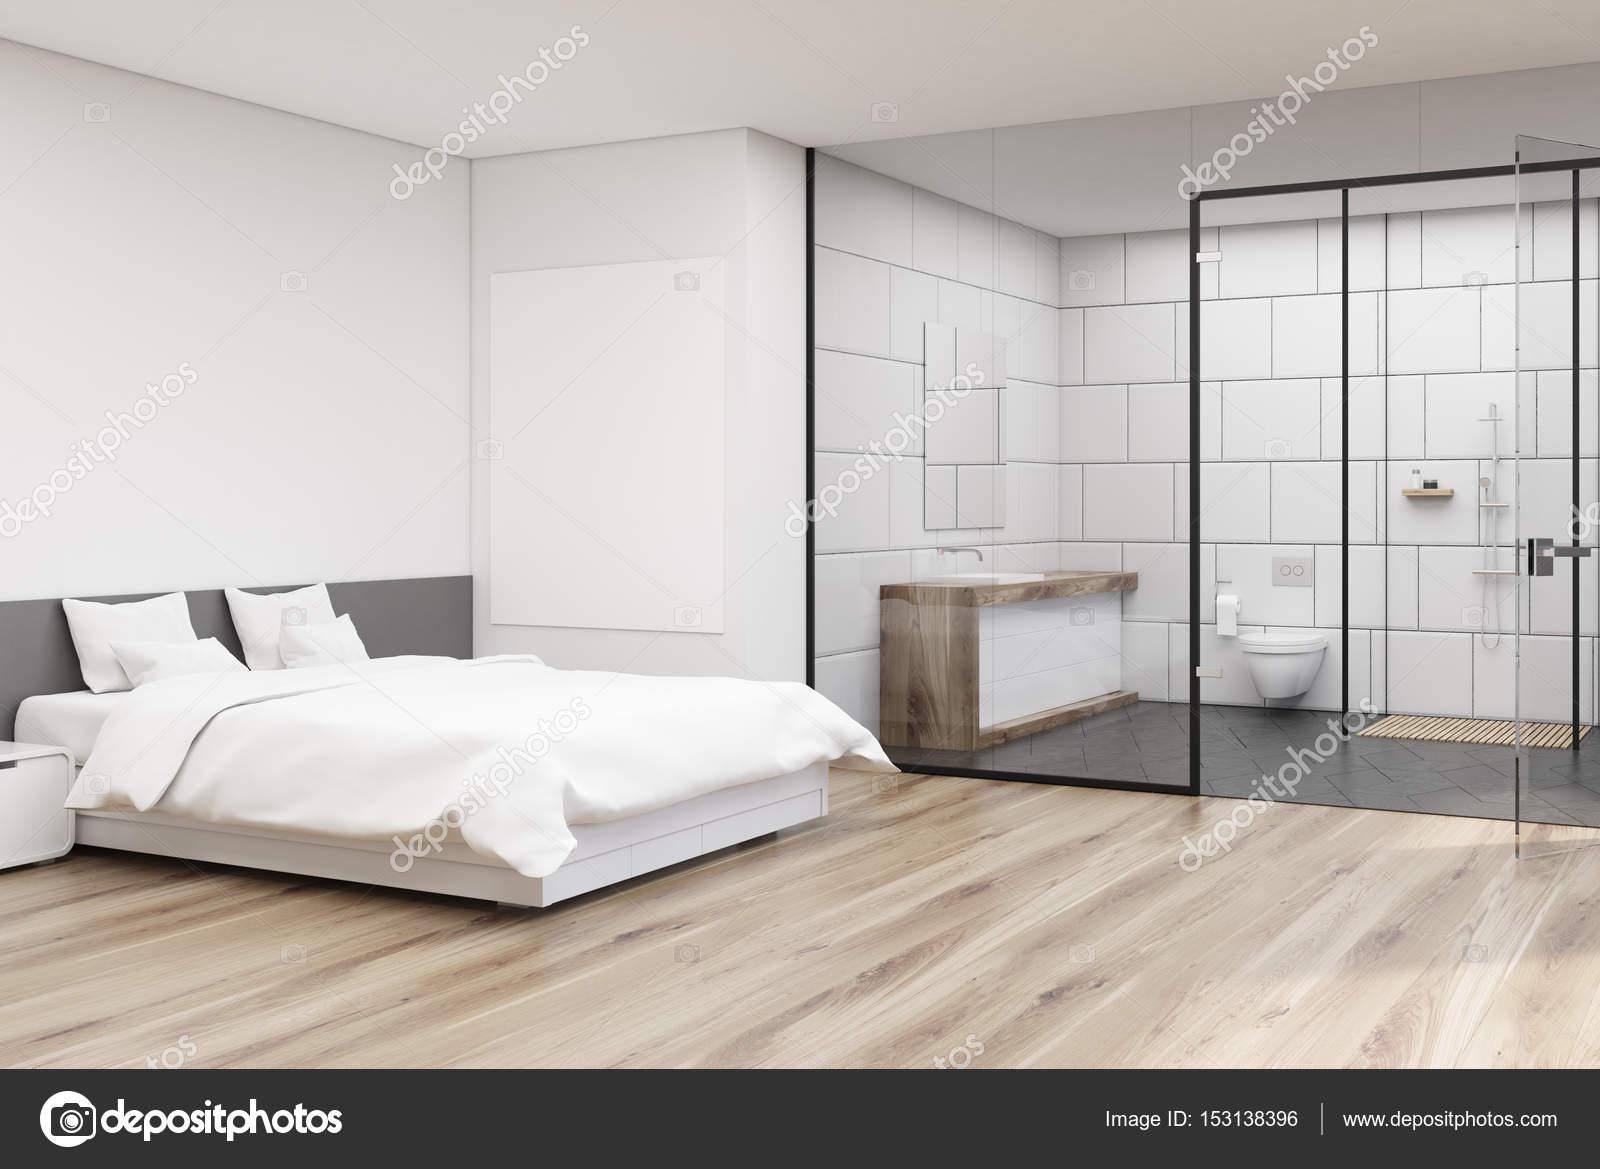 Bagno In Camera Con Vetrata : Camera da letto con bagno bianco angolo u foto stock